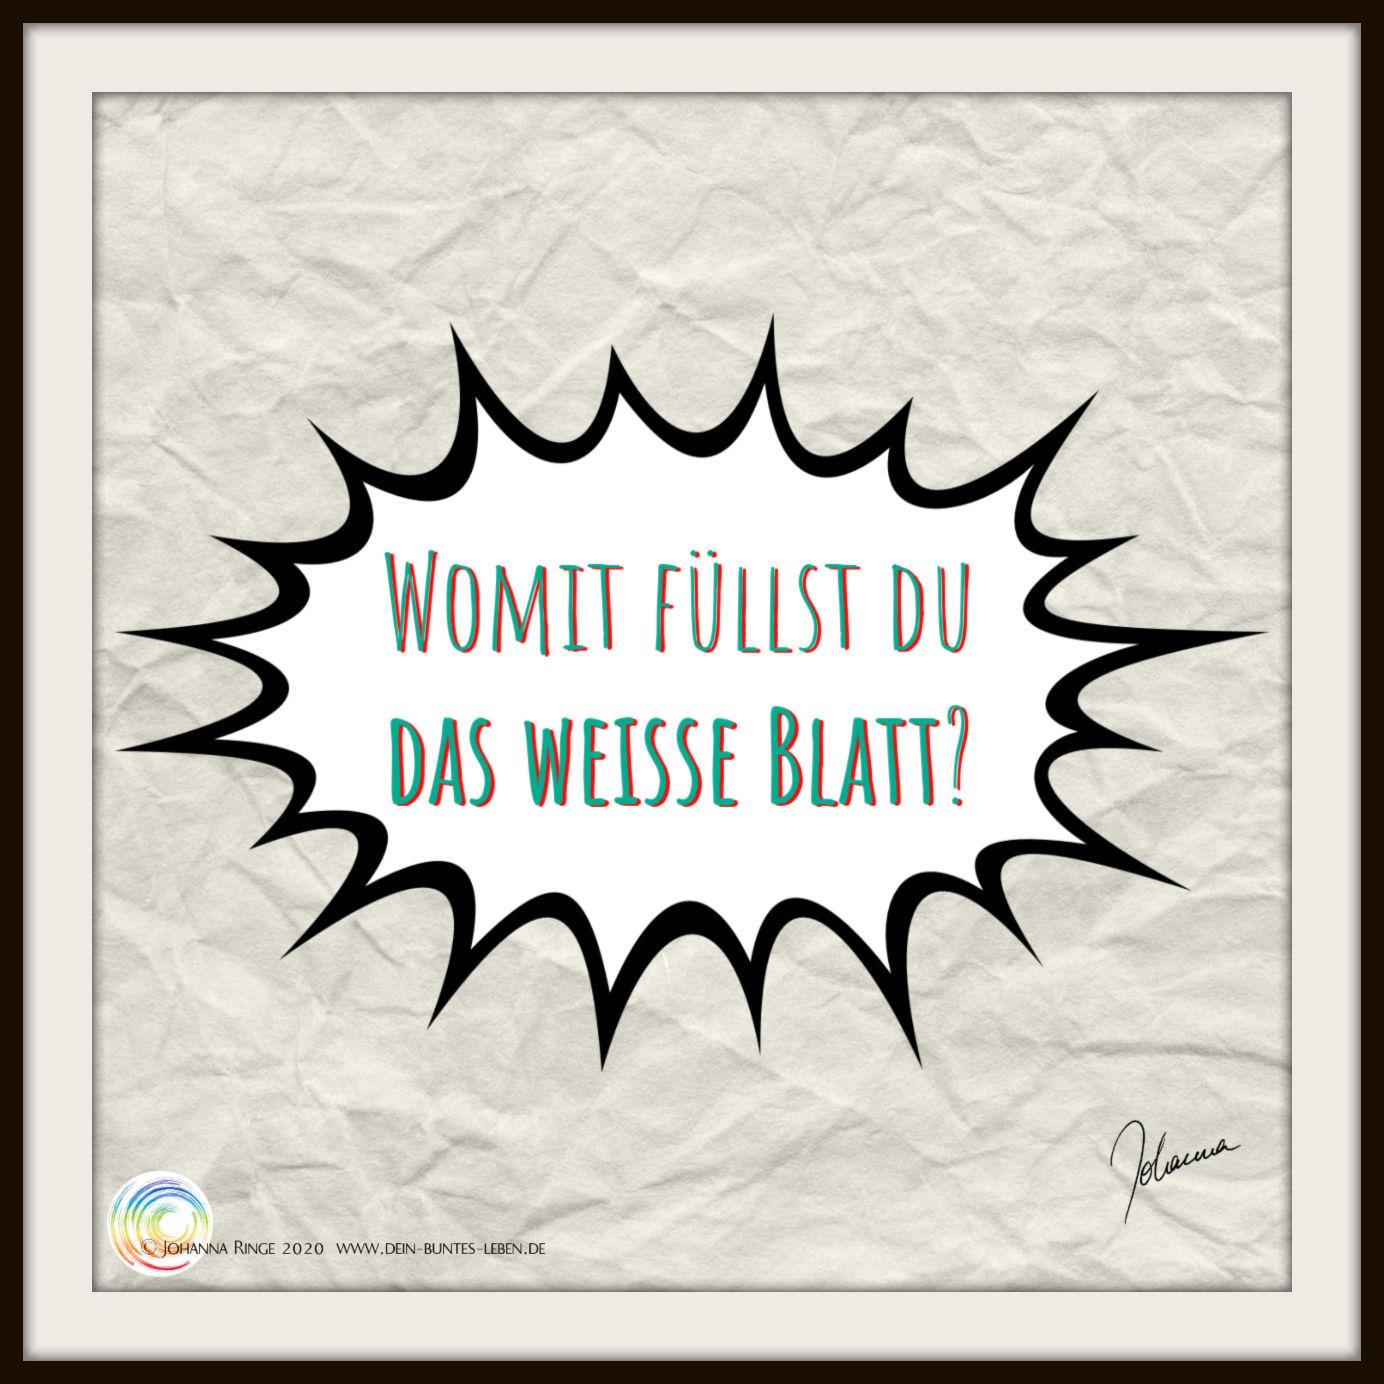 Womit füllst Du das weiße Blatt? ©Johanna Ringe 2020 www.dein-buntes-leben.de